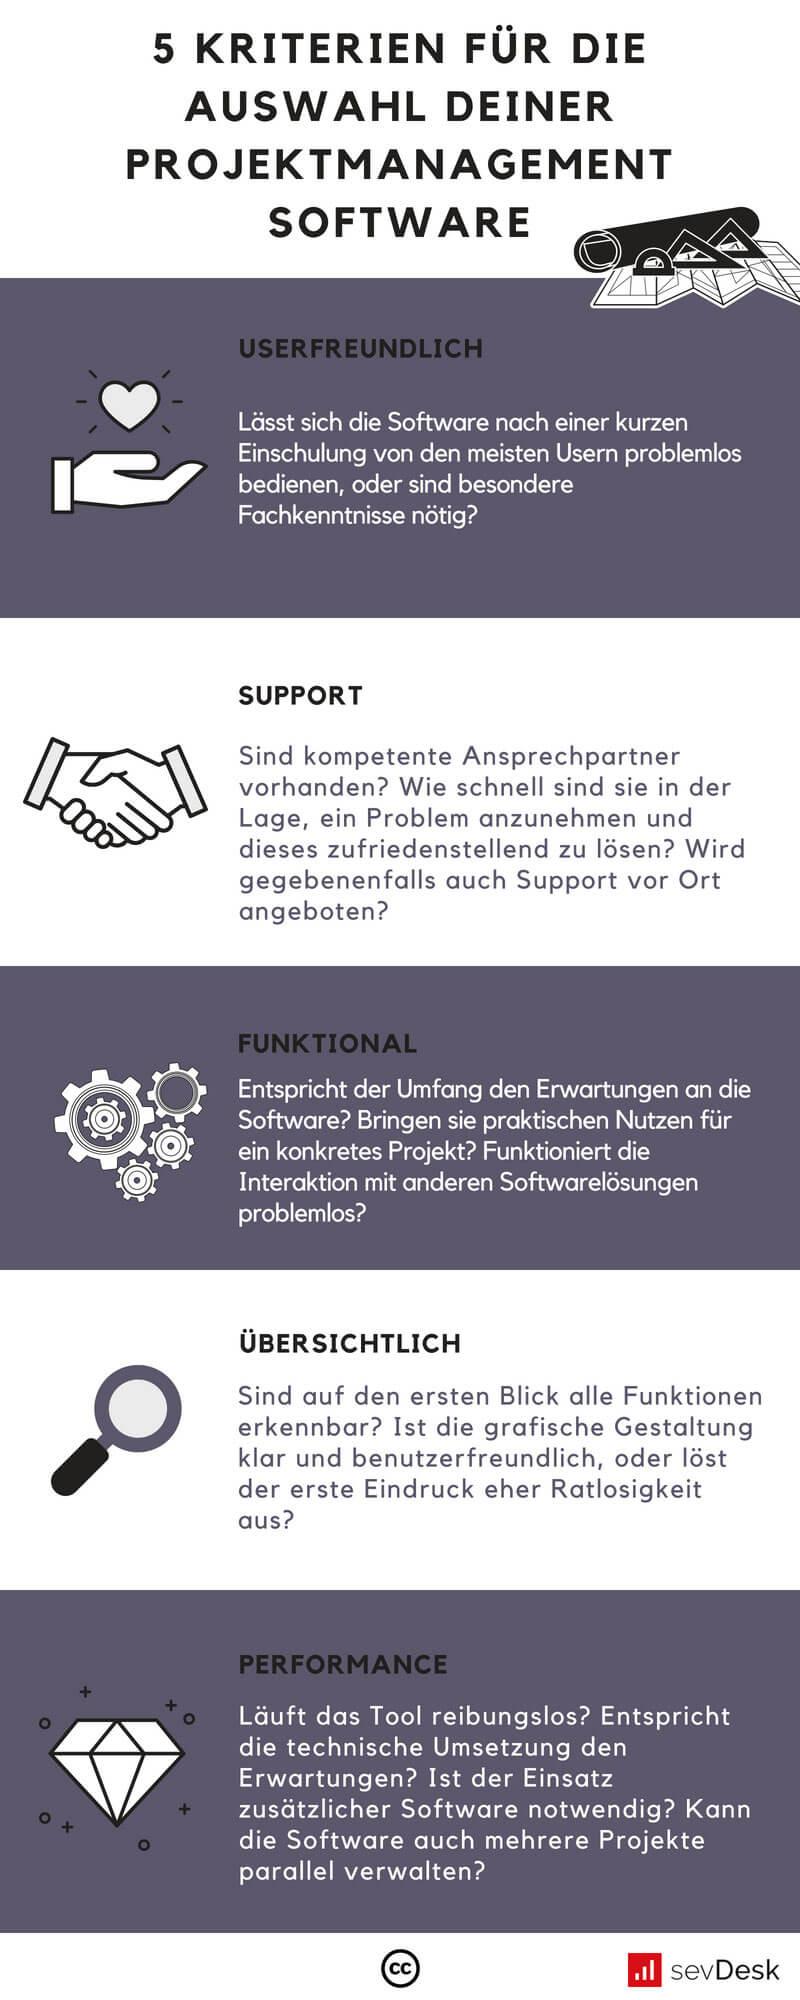 Kriterien zur Auswahl von Projektmanagement-Software